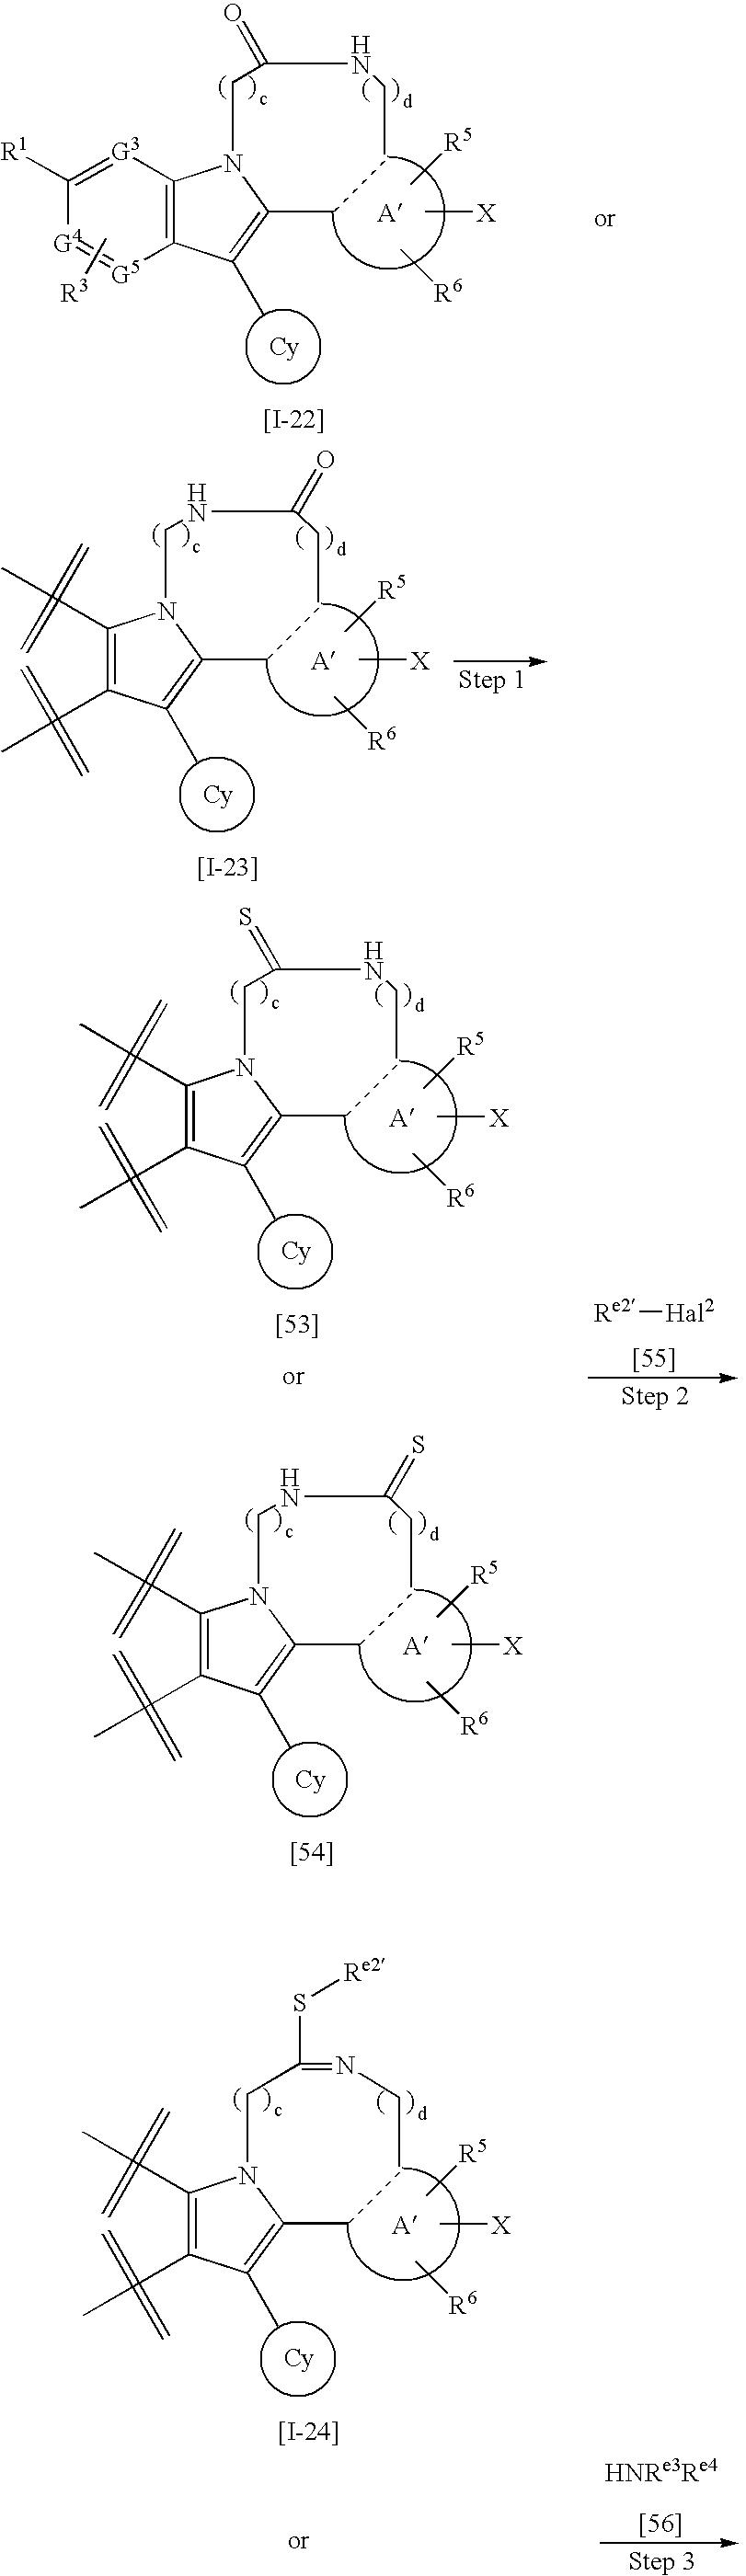 Figure US20070049593A1-20070301-C00287